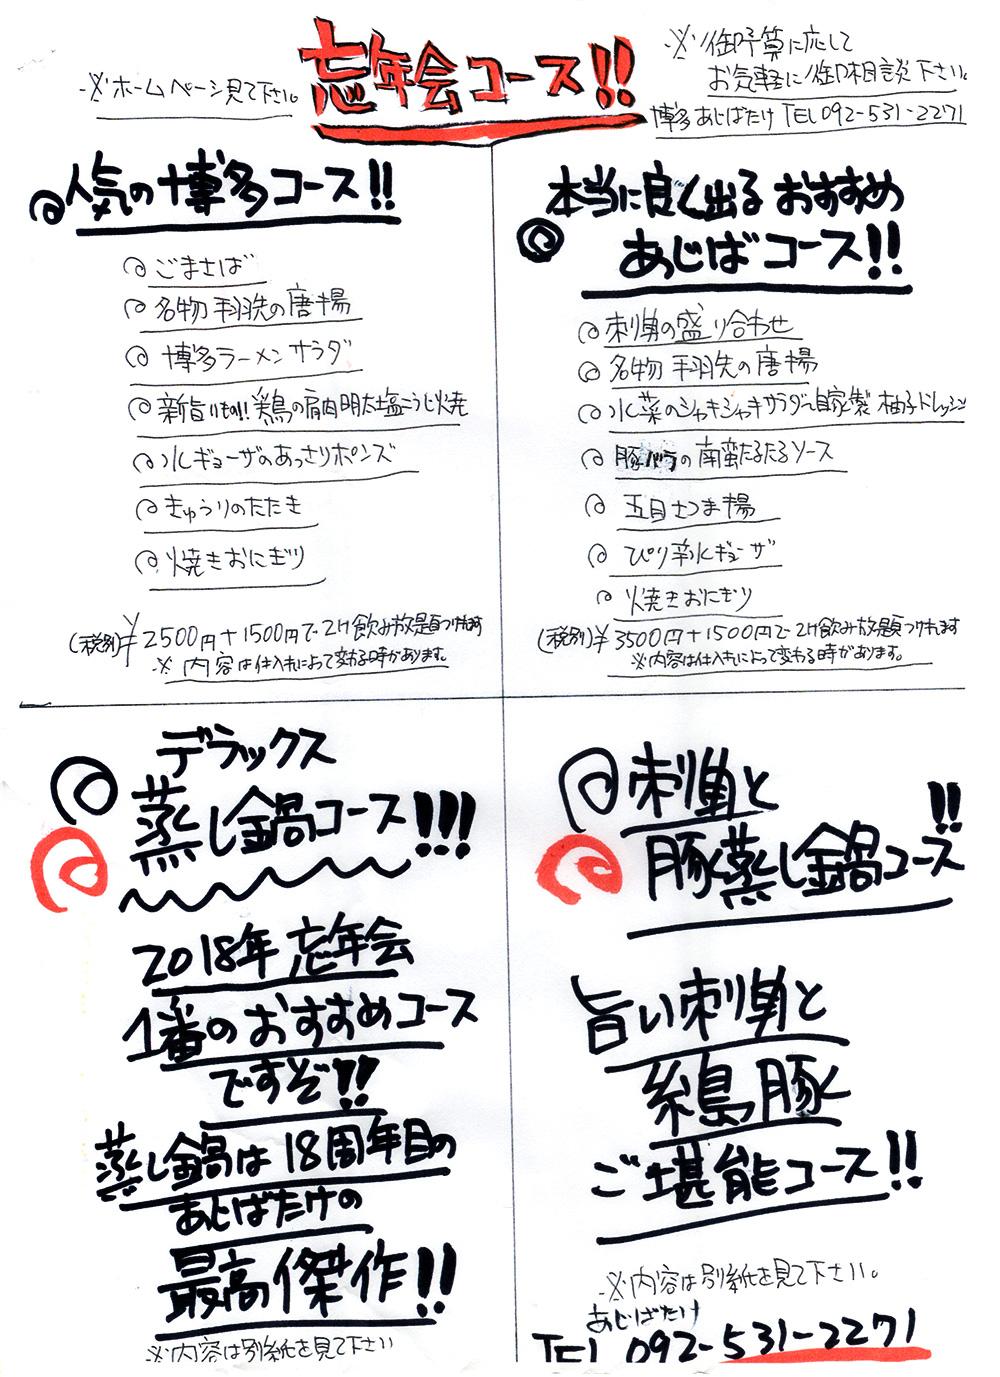 味畑家の忘年会コース!